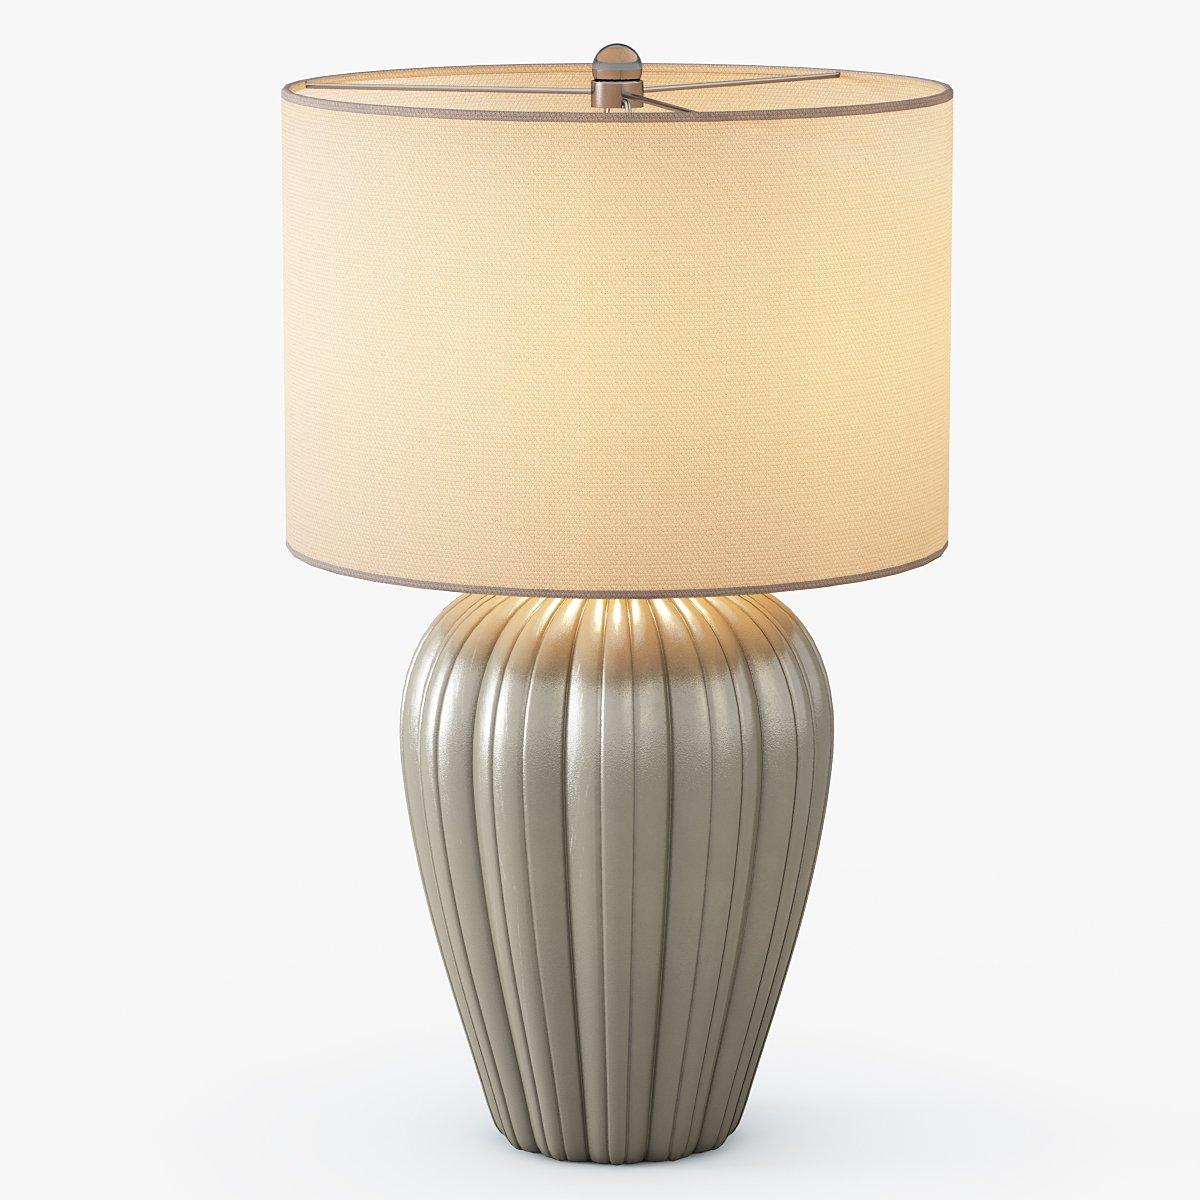 Gray Brown Ceramic Table Lamp 3d Model In Table Lamps 3dexport